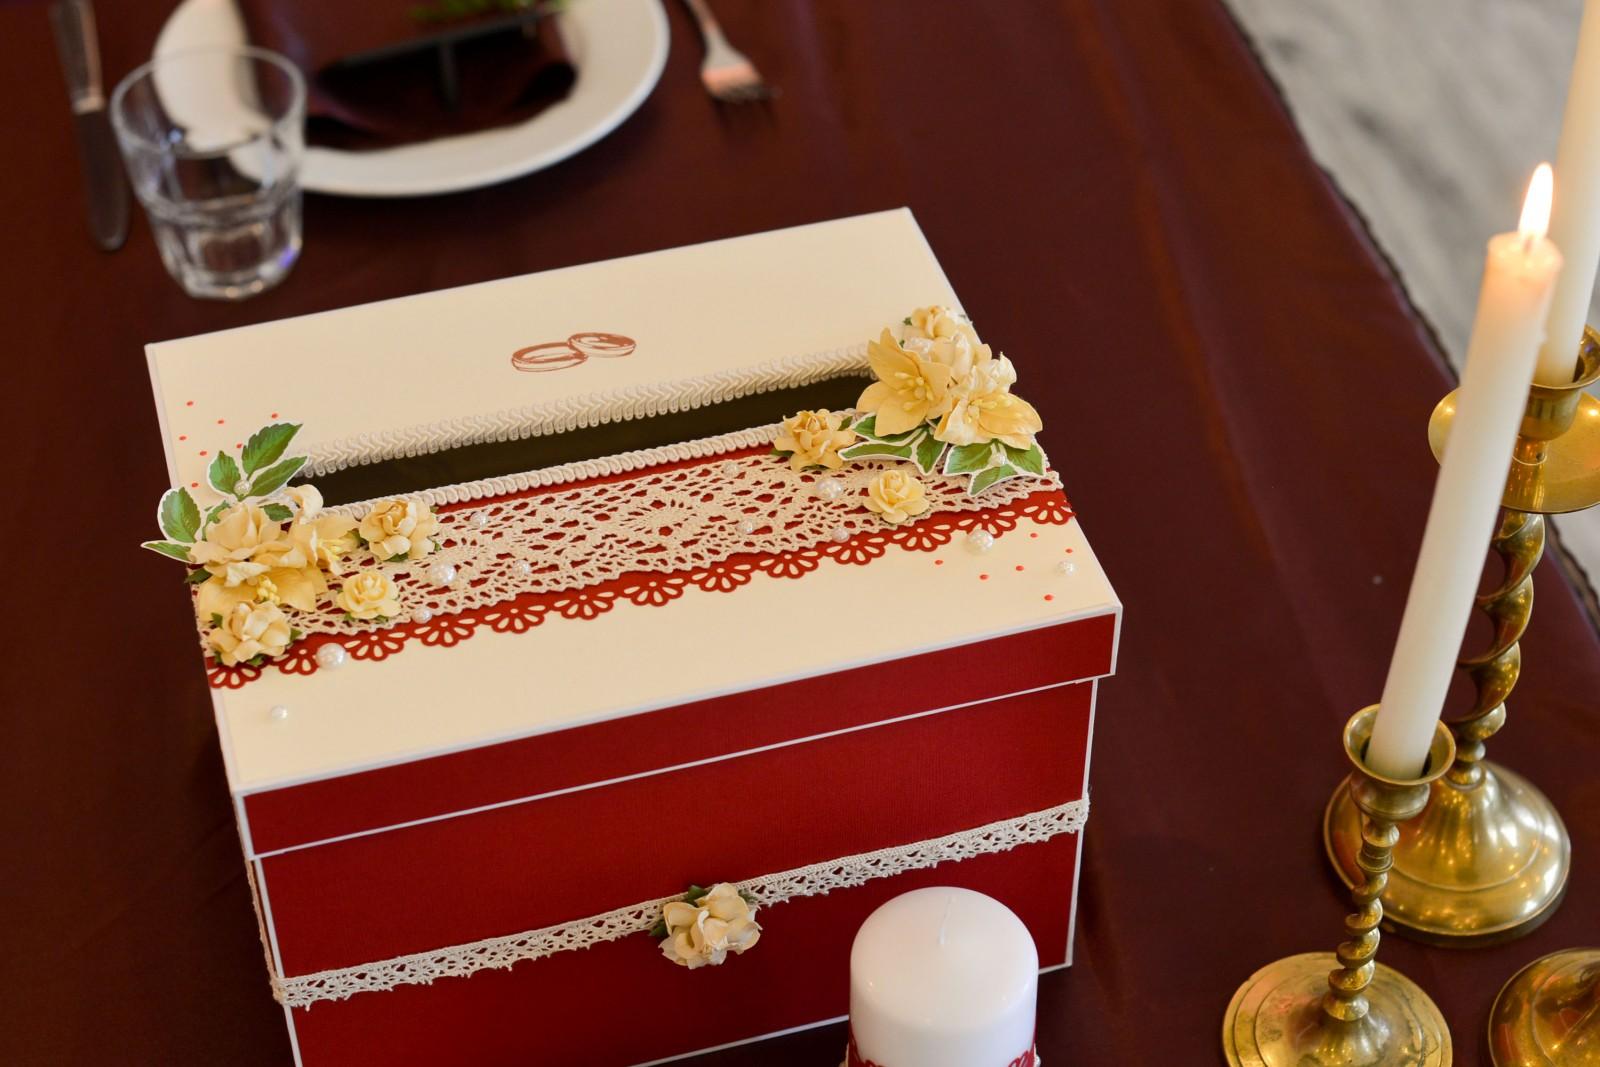 рисовал как можно красиво оформить коробку для пожеланий роль общей